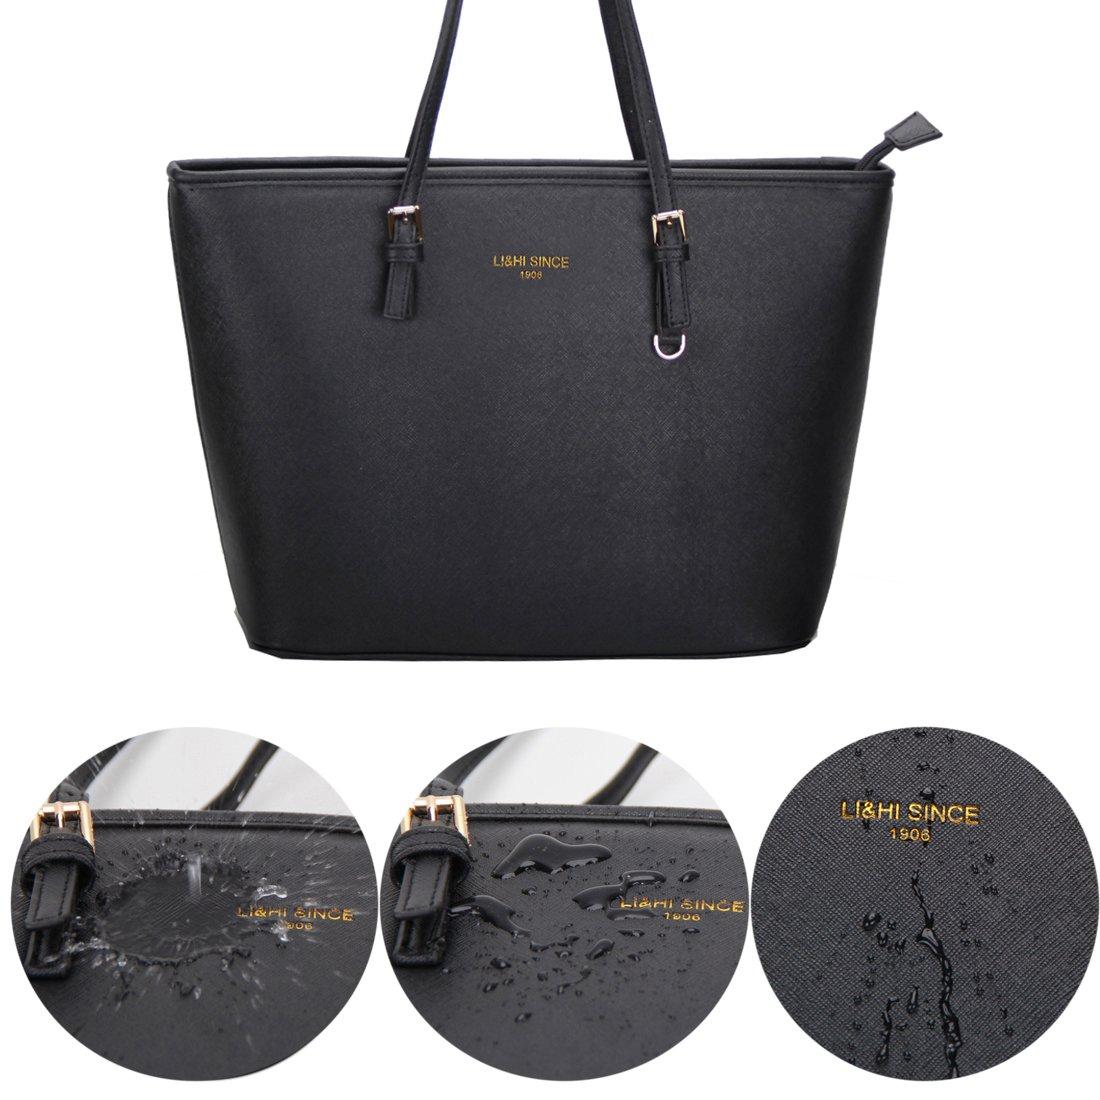 ed97d2141c465 LI&HI Élégant Sac à Main Noir Femme Sac Bandouliere Vintage Gros Sac Cabas  Noir - 33x28x15cm: Amazon.fr: Bagages